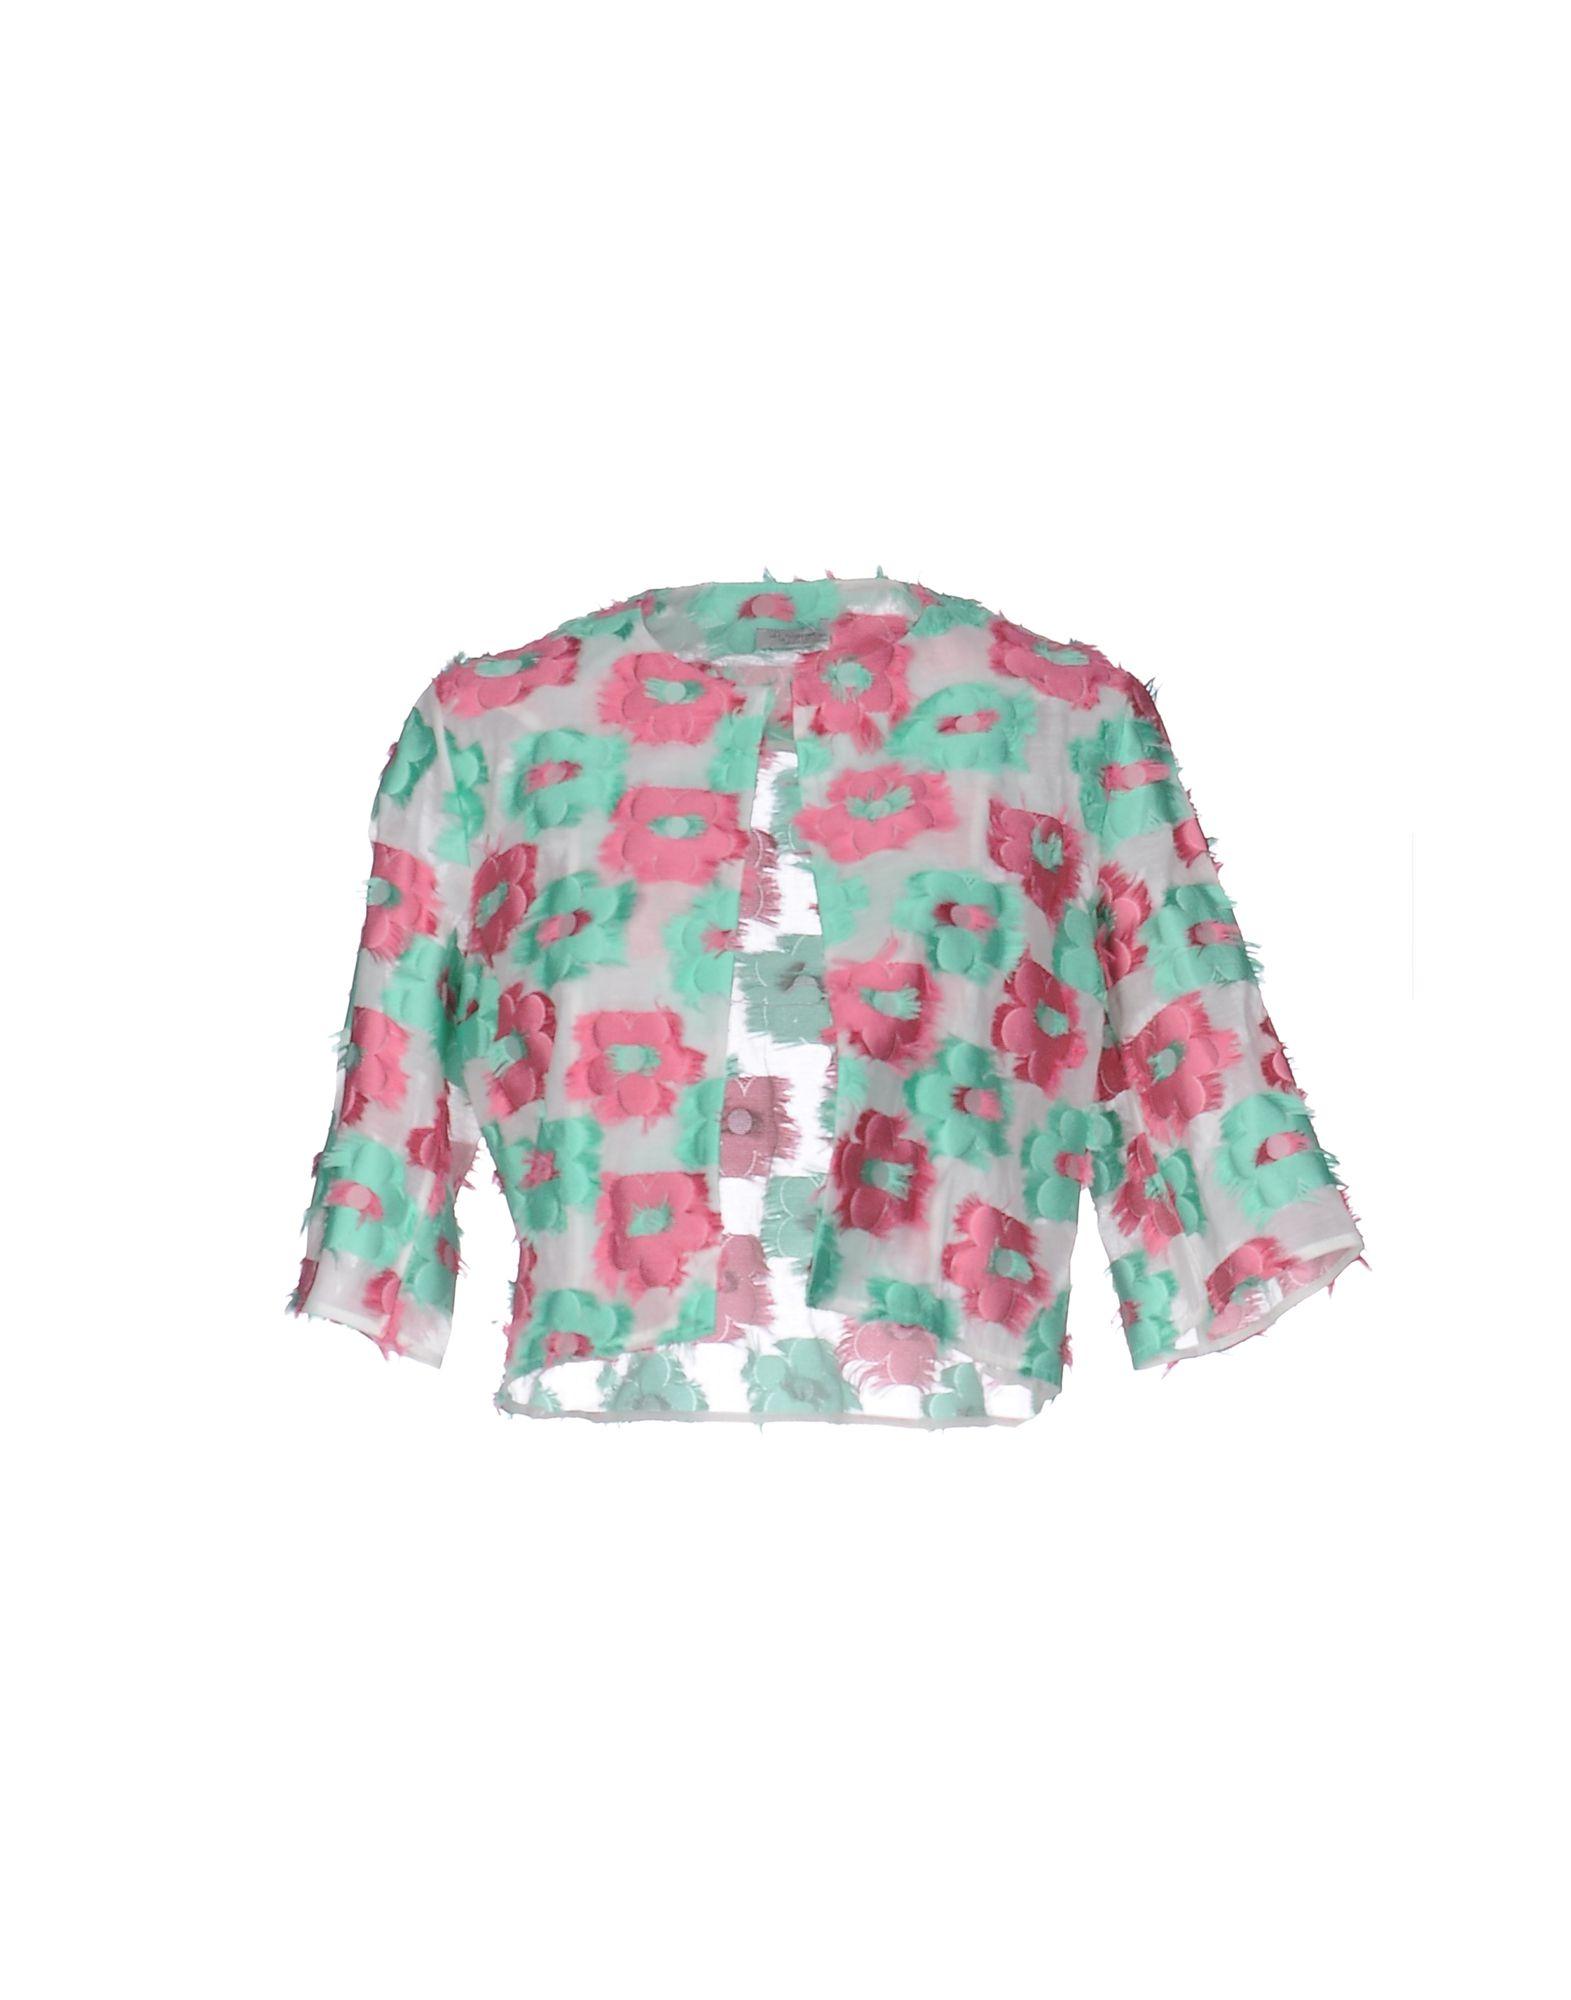 LE RAGAZZE DI ST. BARTH Damen Jackett Farbe Fuchsia Größe 6